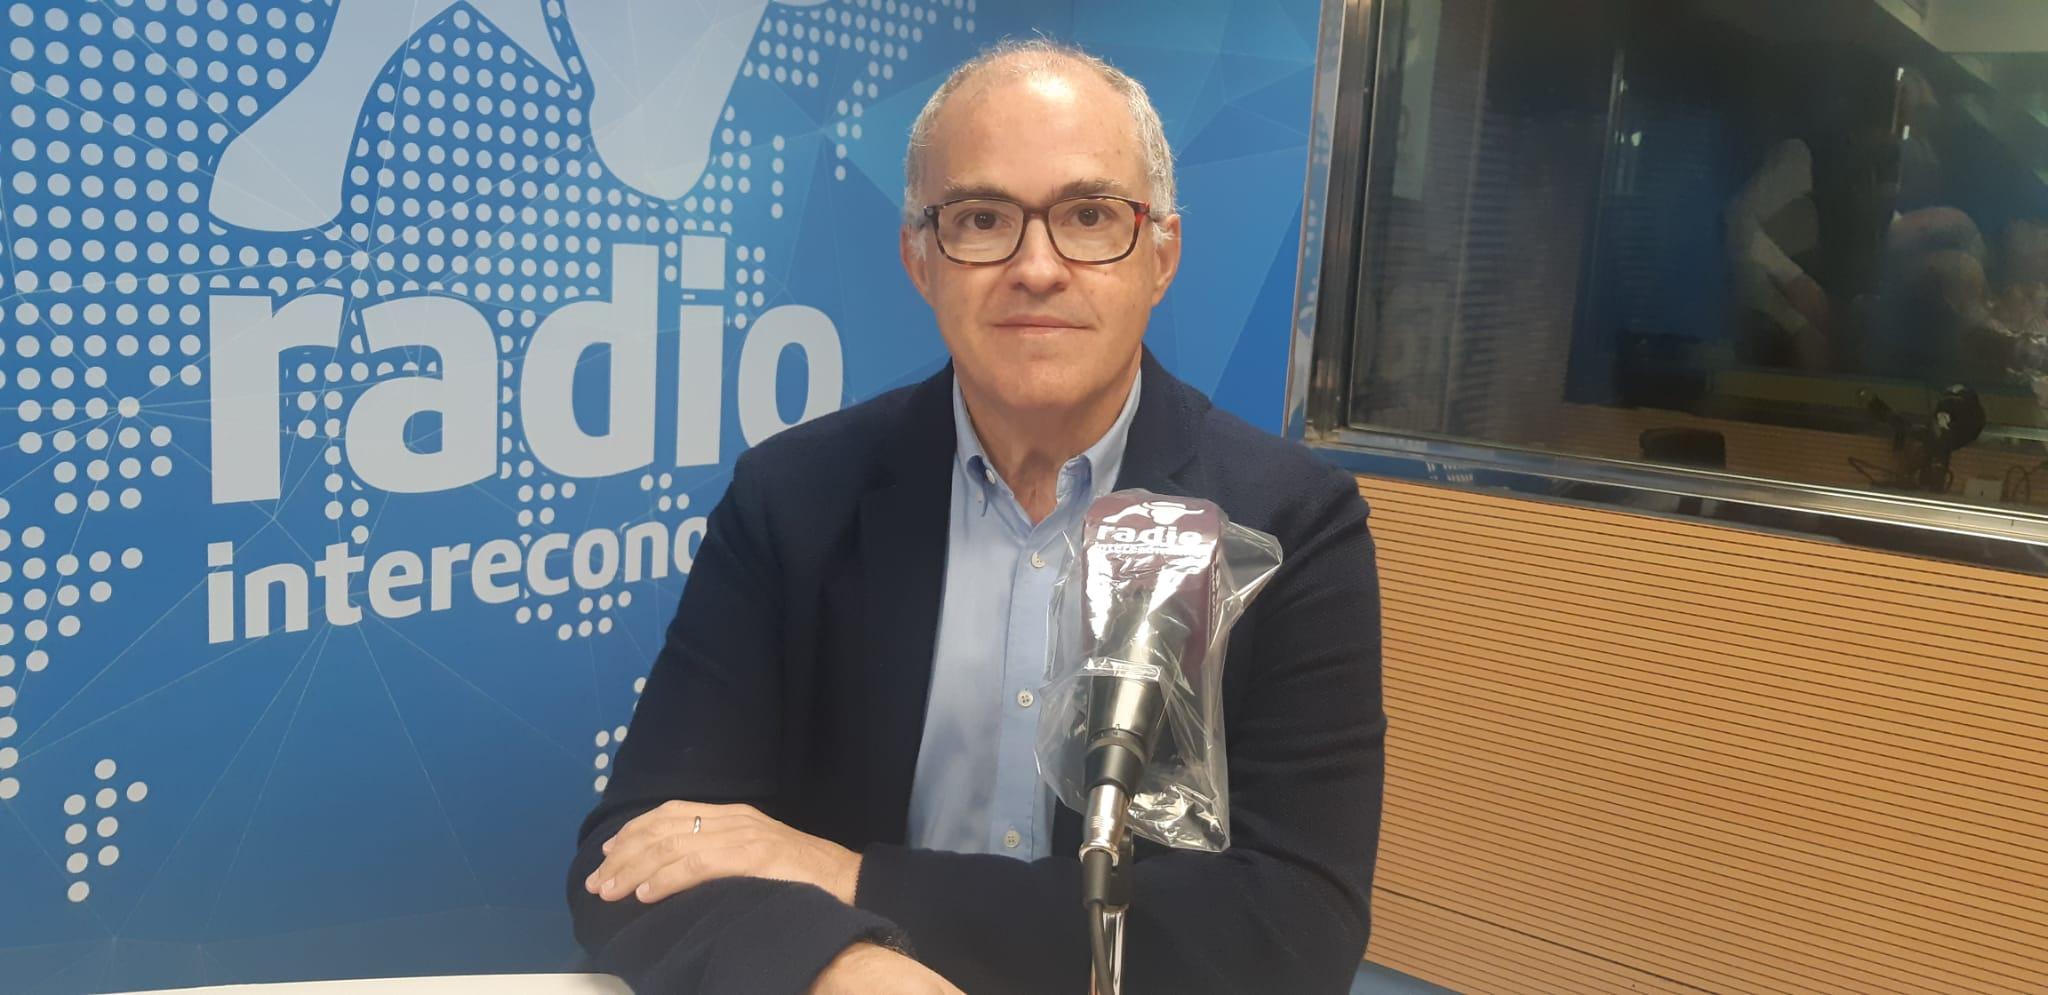 """Fernando de Rosa en El Intercafé: """"Estamos en un momento histórico para agrupar al centro derecha contra el sanchismo"""""""